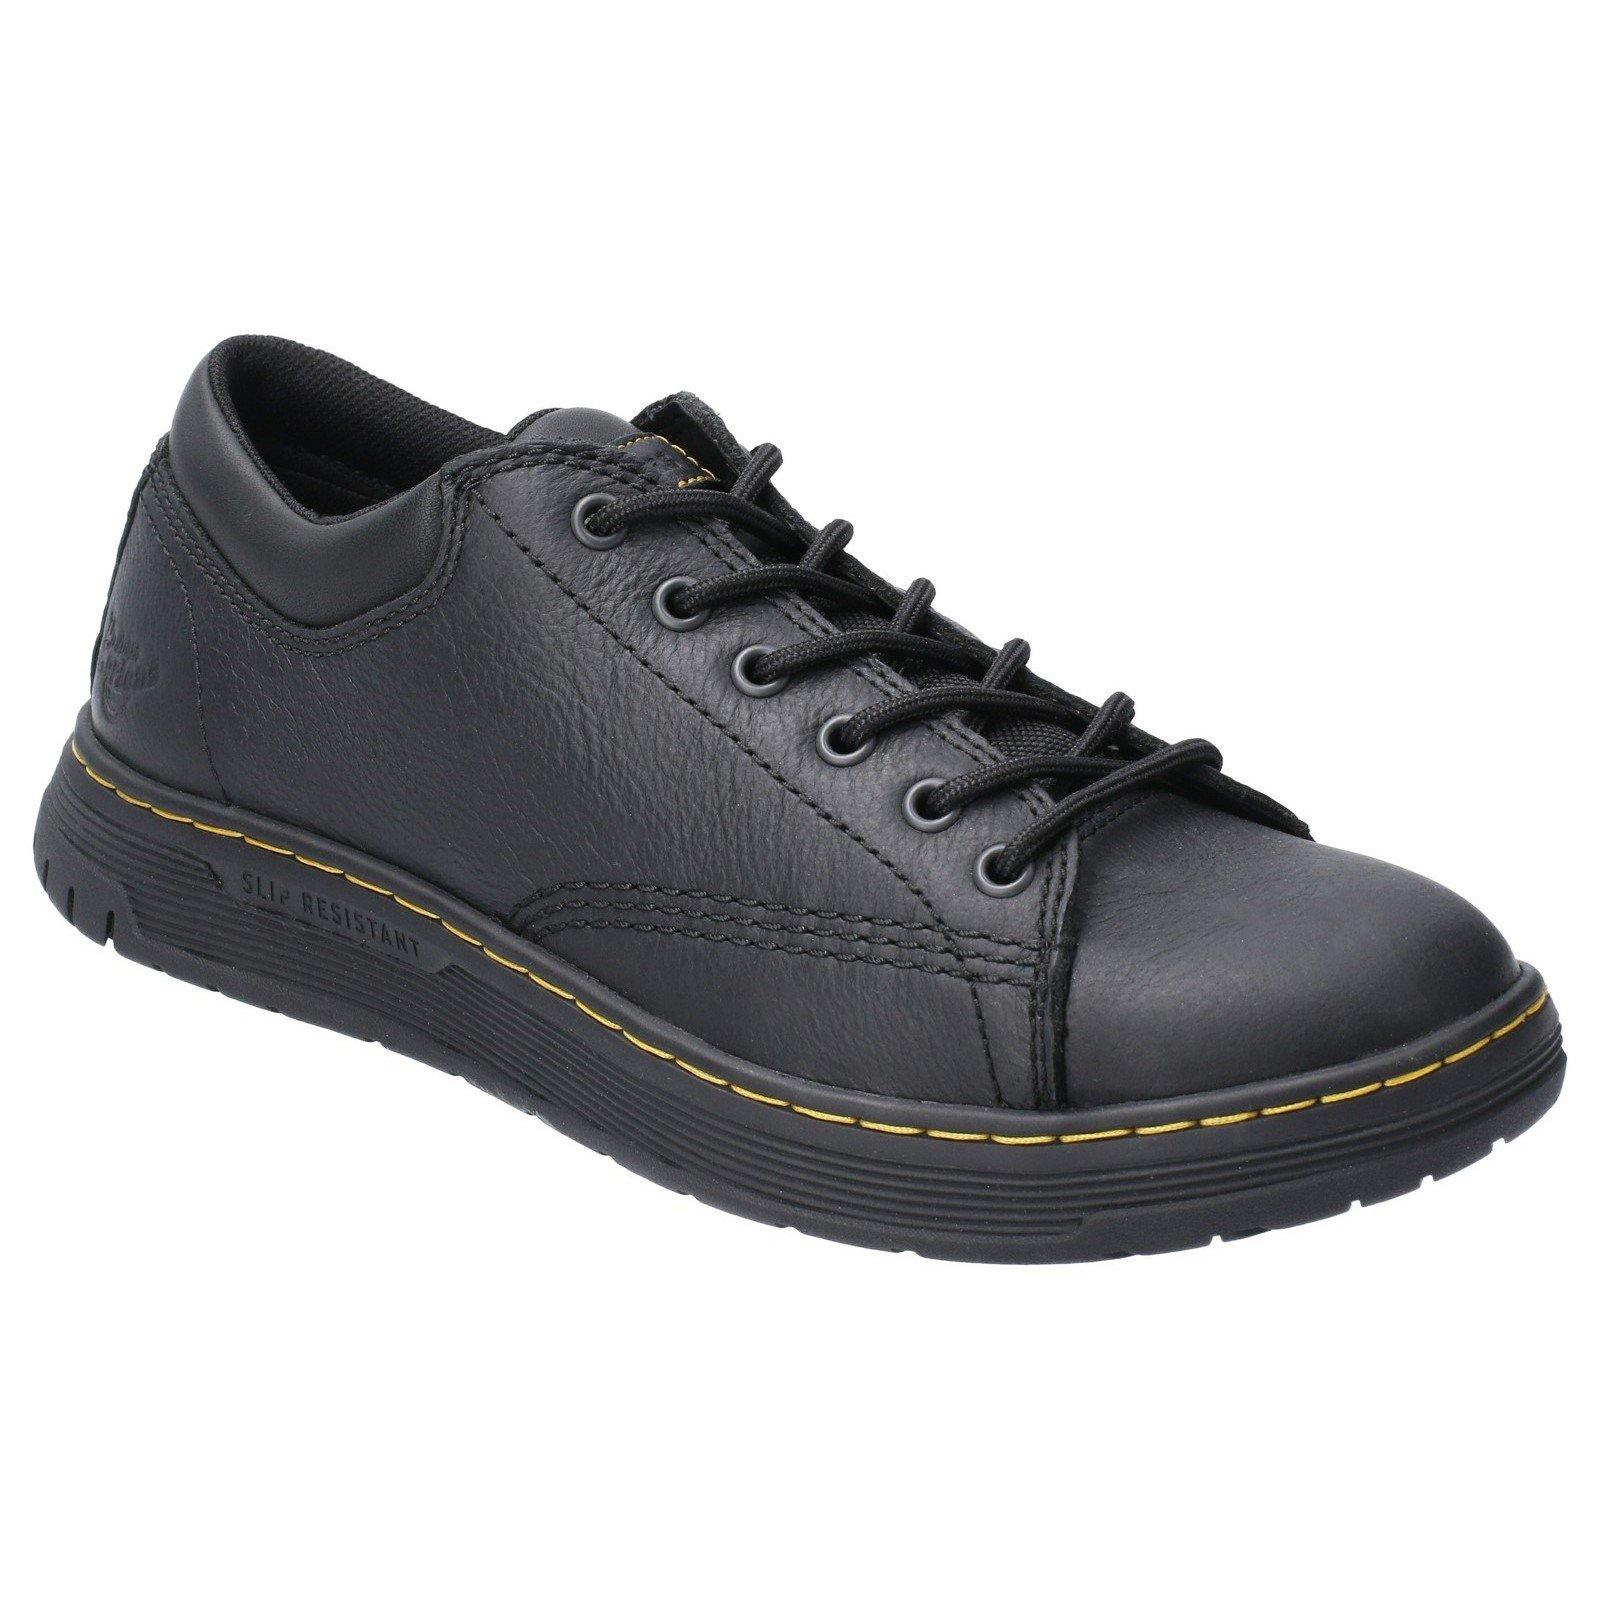 Dr Martens Unisex Maltby SR Lace Trainer Black 29510 - Black 4